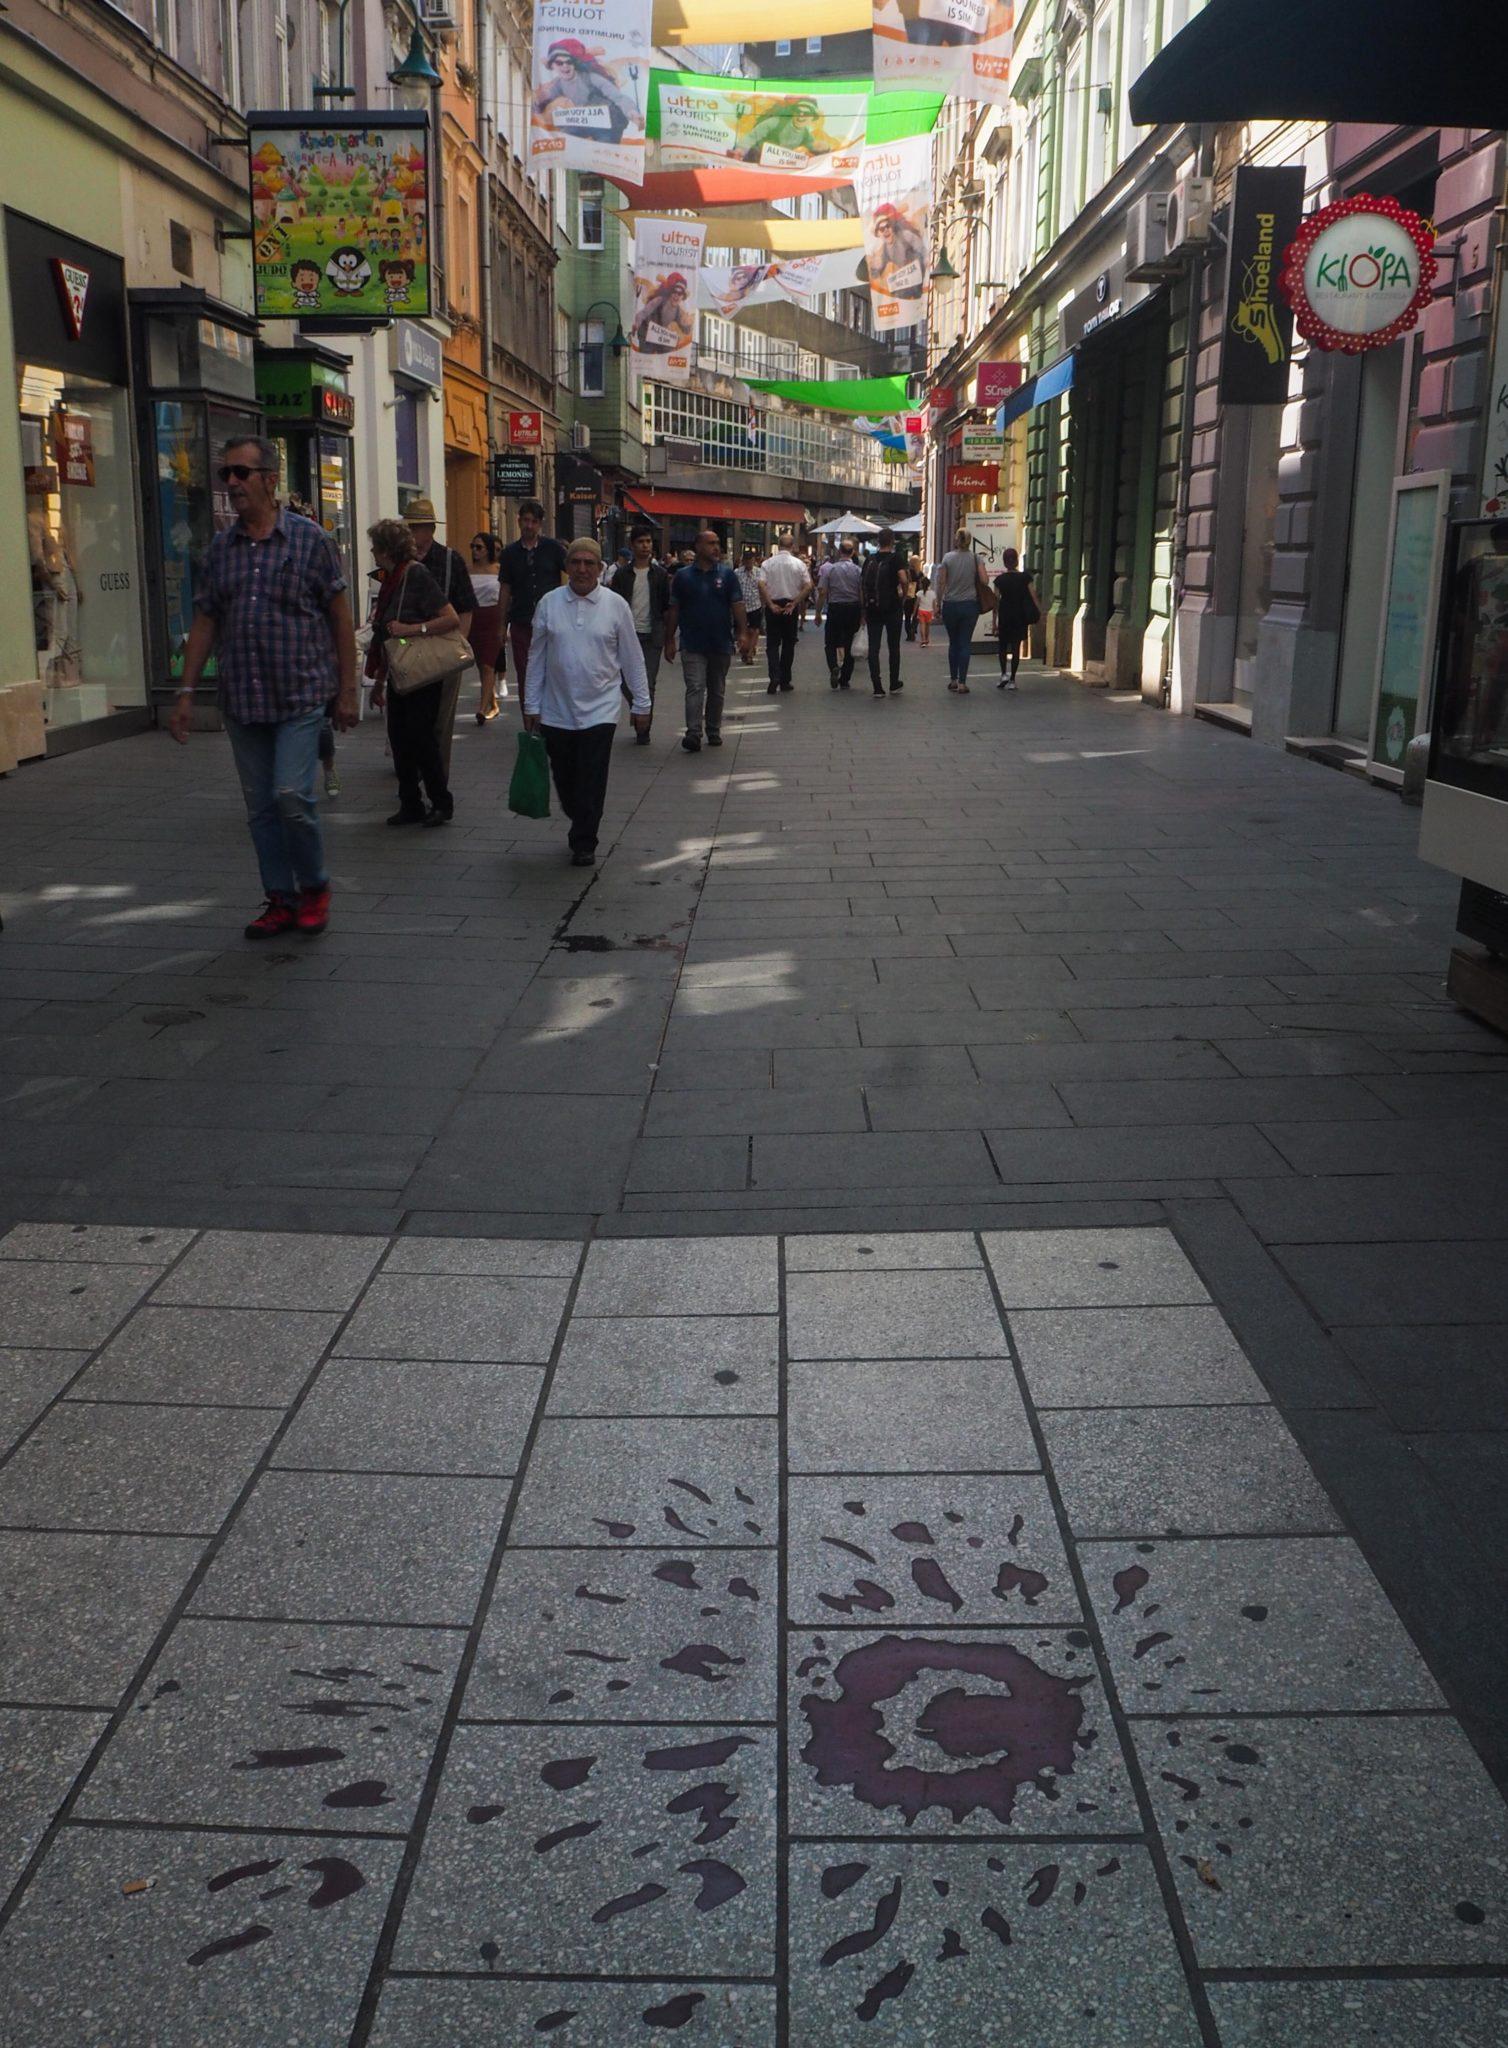 Les Roses de Sarajevo - Visiter Sarajevo, la capitale de la Bosnie-Herzégovine: un été nomade à Sarajevo, un coup de coeur! Que faire et que visiter à Sarajevo? Le guide pratique complet pour découvrir Sarajevo et la Bosnie